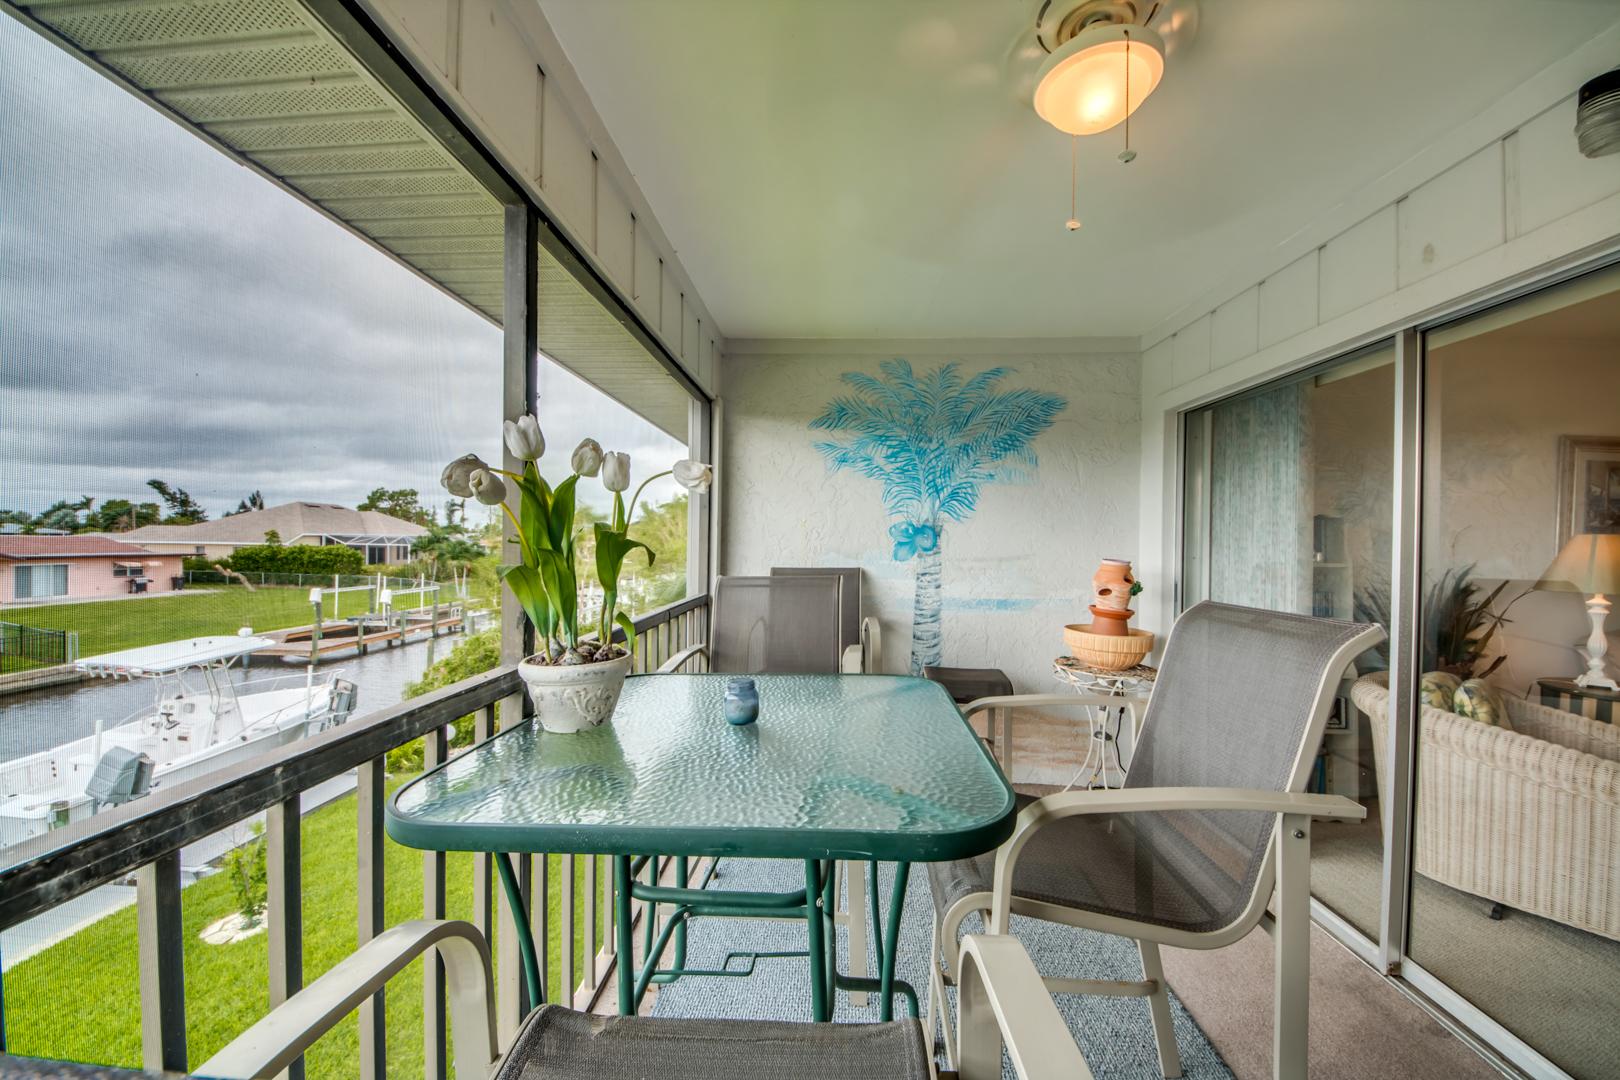 Roelens Vacation Rentals: Condo Miramar, Cape Coral in Florida ...